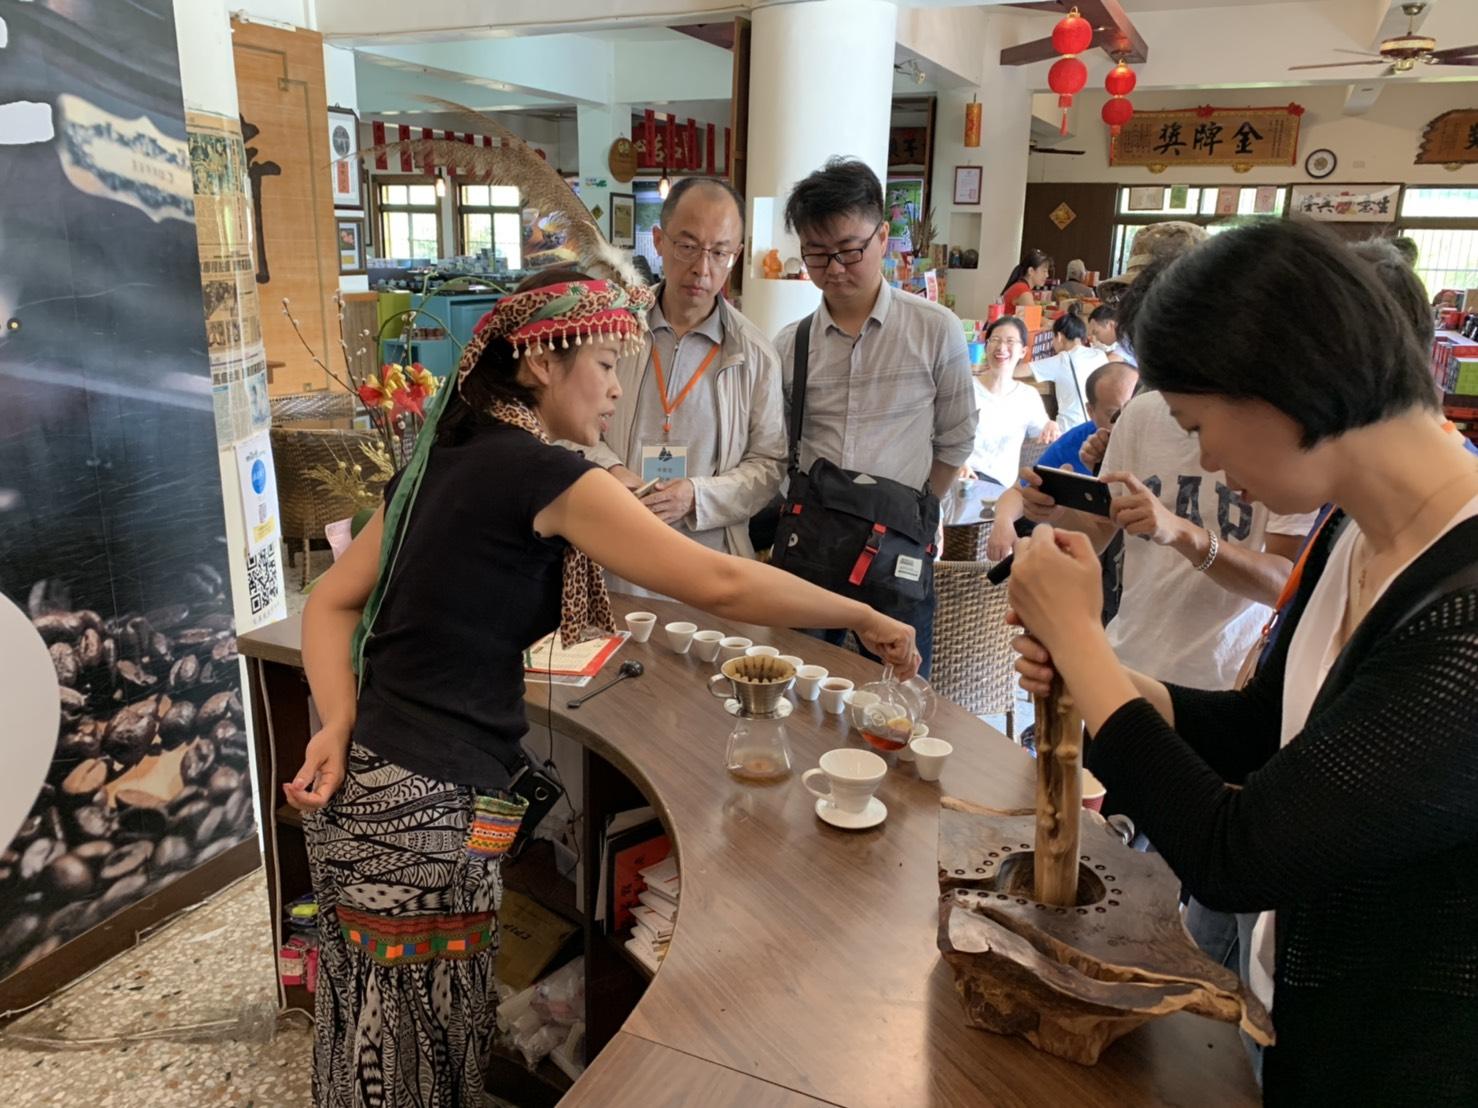 陸駐台媒體參訪 推廣花蓮觀旅